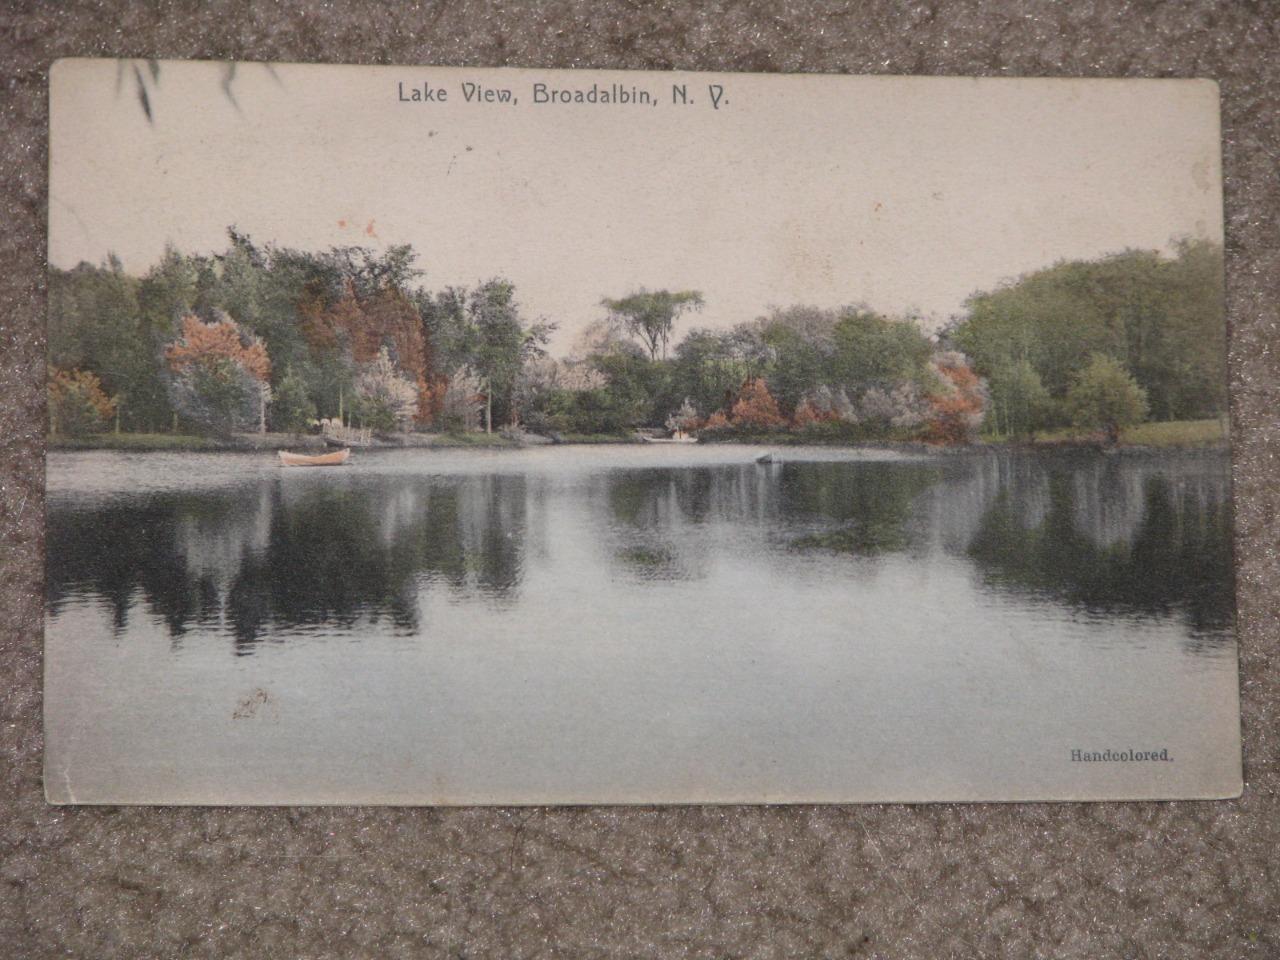 Lake View, Broadalbin, N.Y. Handcolored, 1917, used vintage card